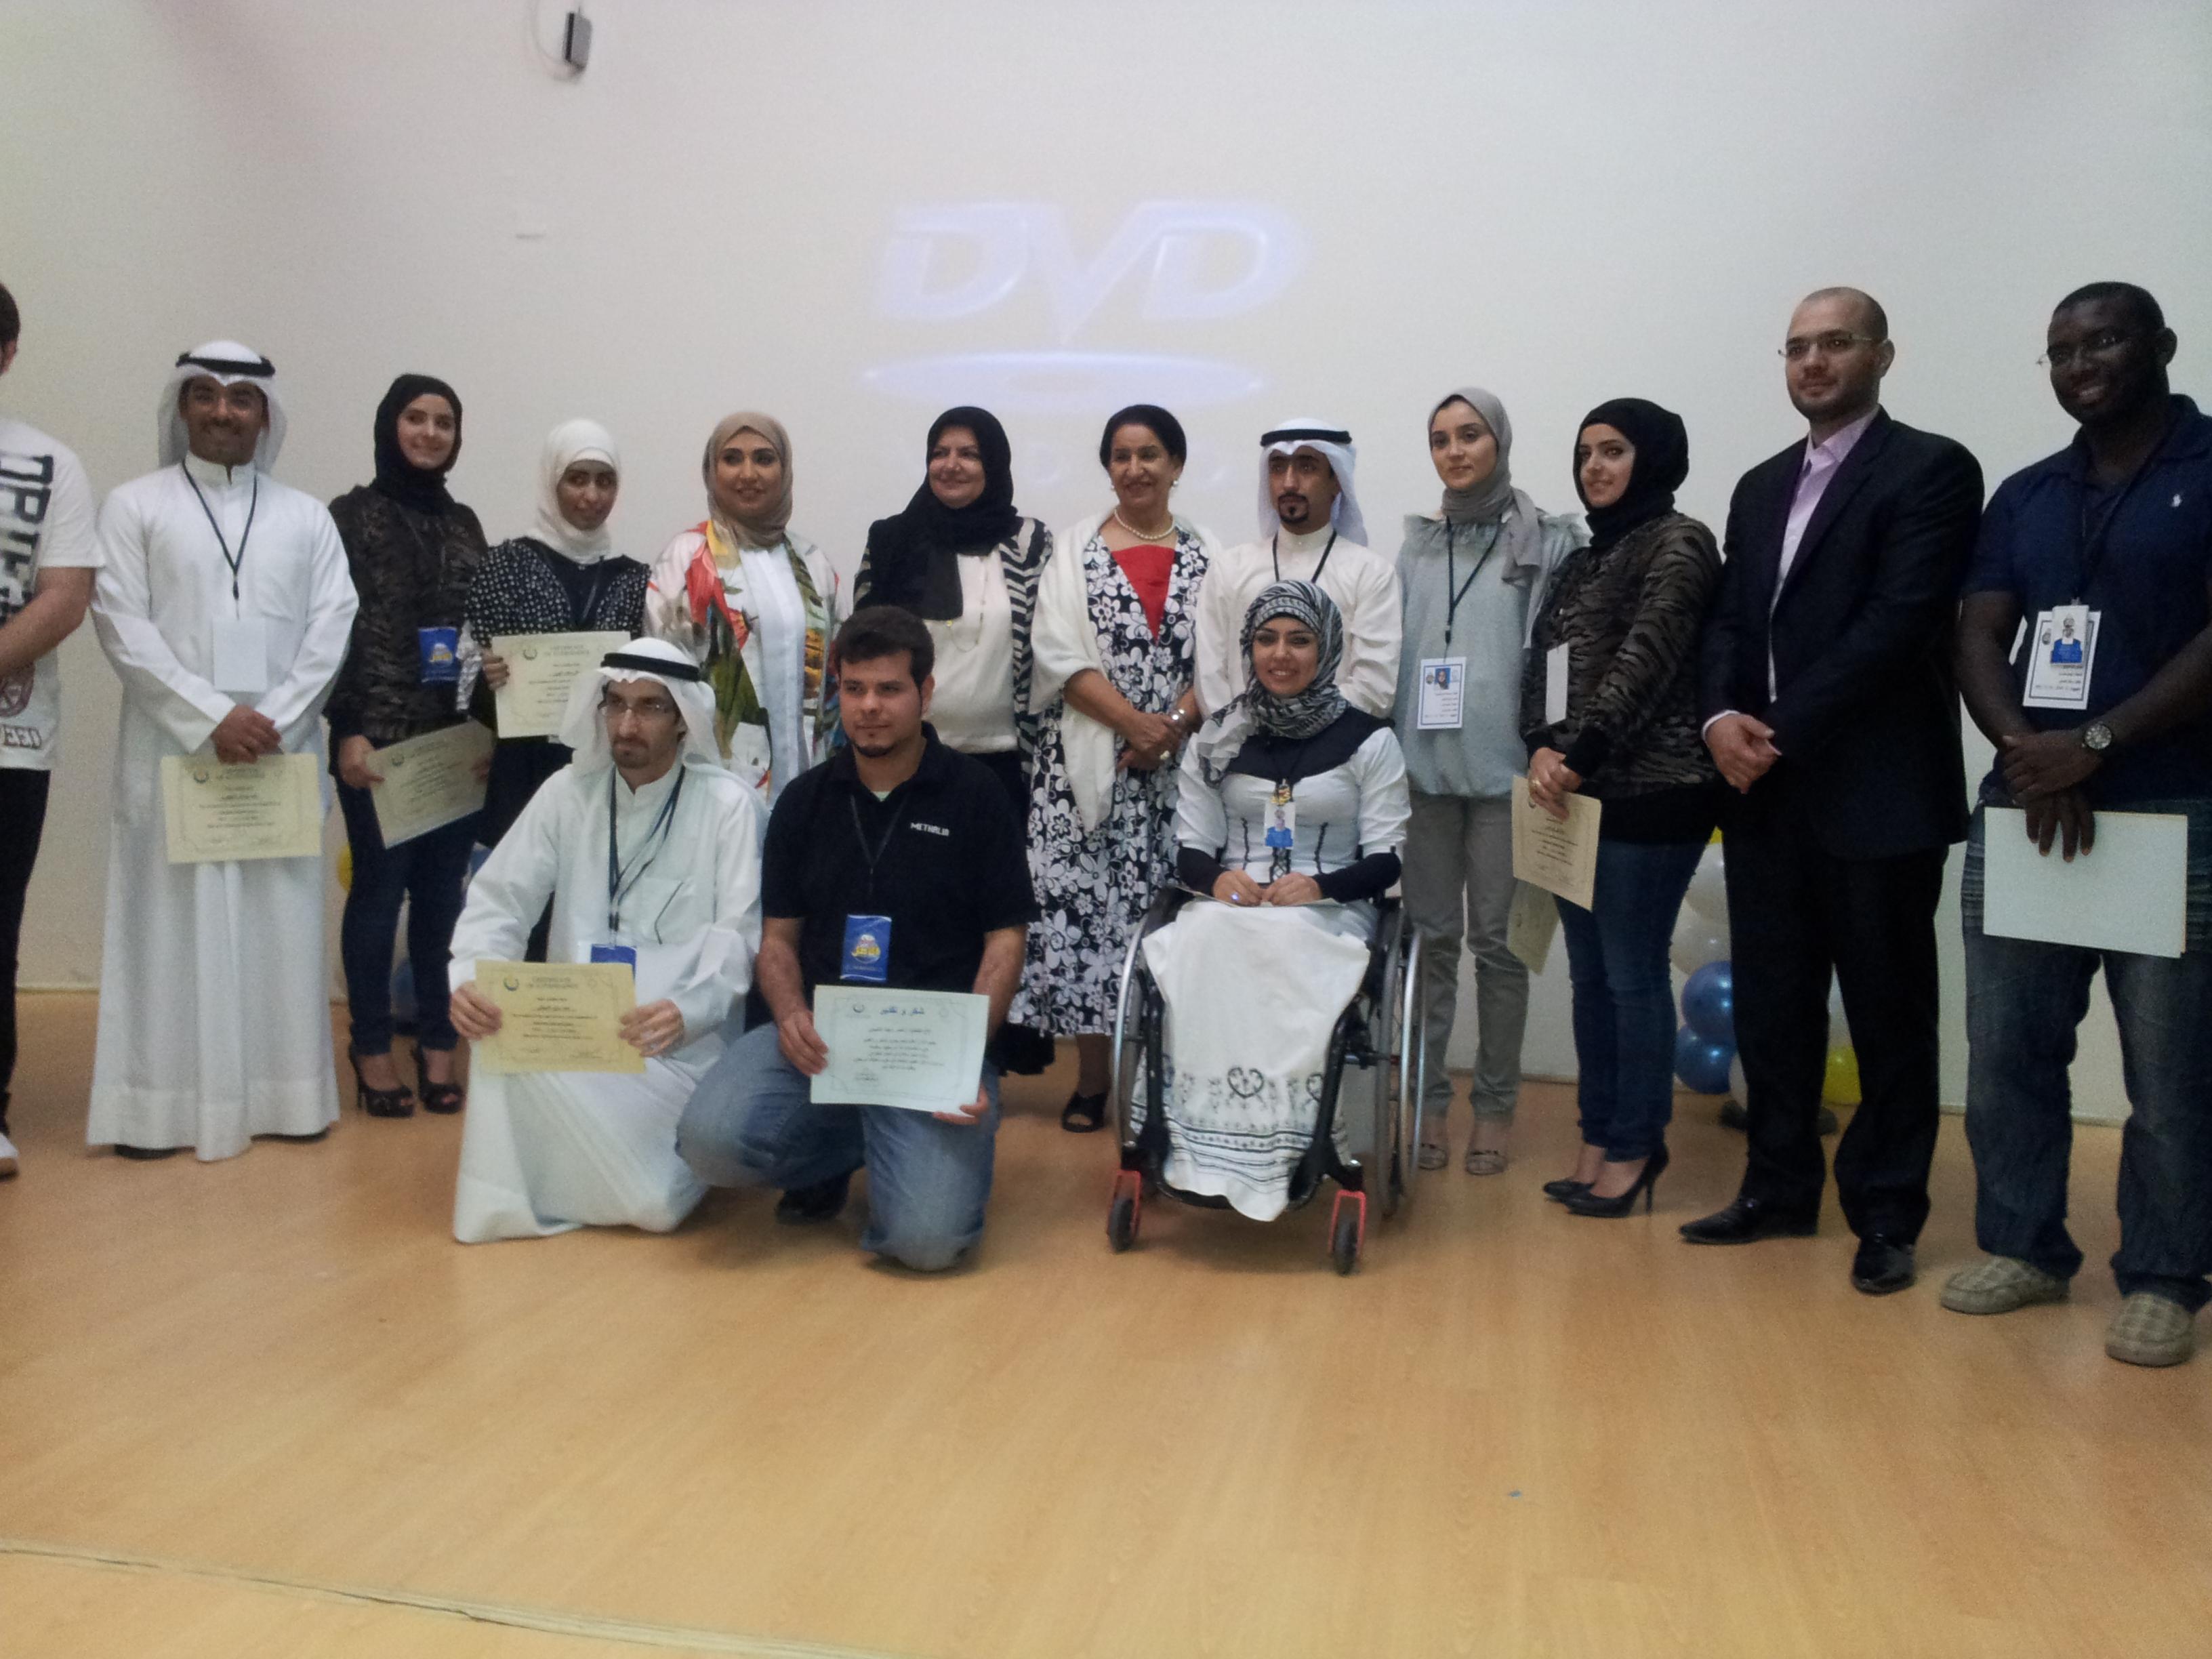 """صورة جماعية بعد الانتهاء من دورة تدريبية في """" كيفية التعامل مع ذوي الإعاقة """" لدي مركز الخرافي لأنشطة اطفال المعاقين"""